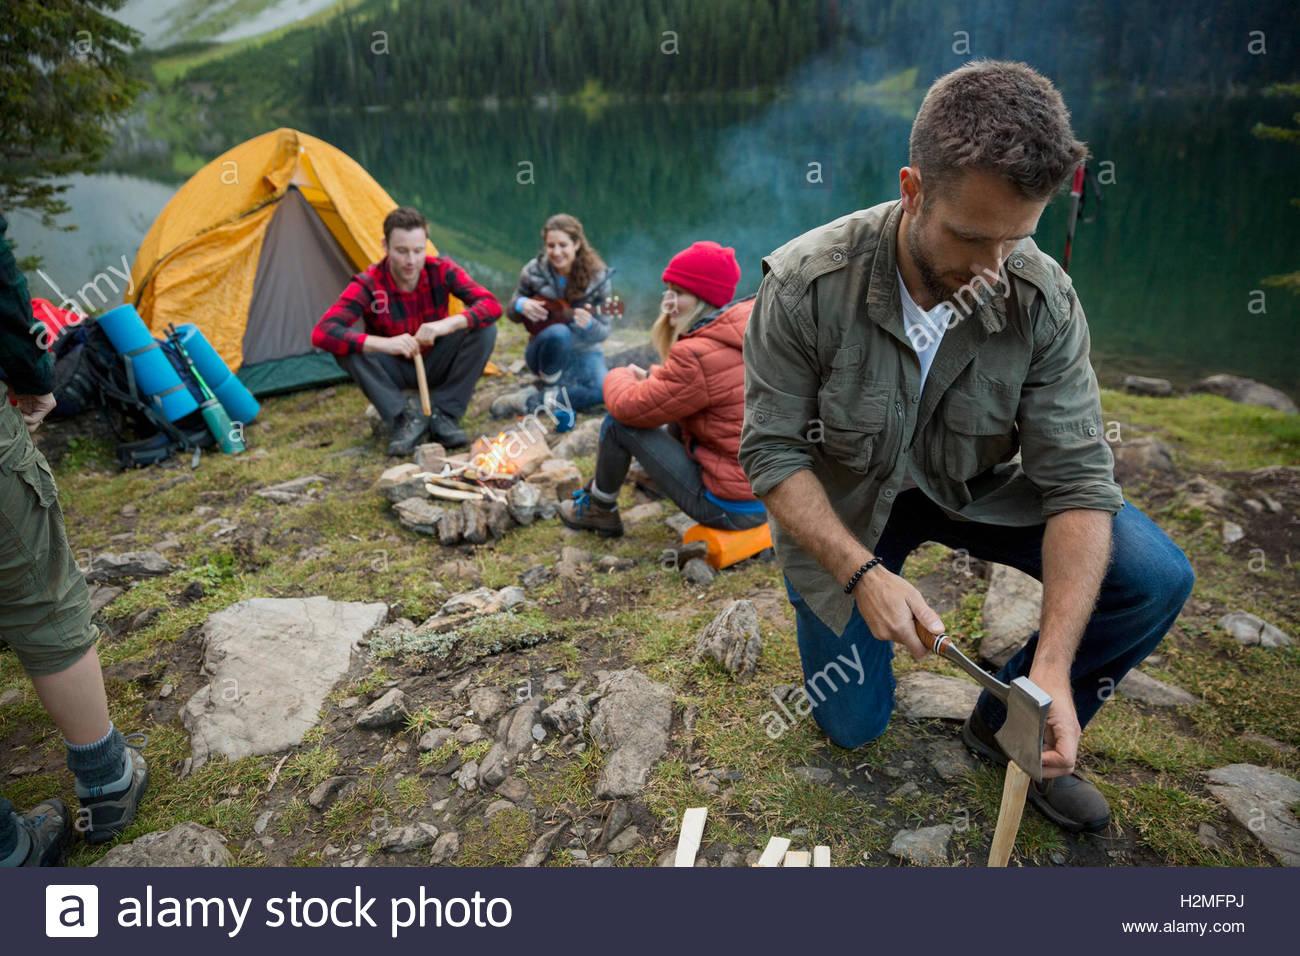 Homme fendre du bois avec hache de camp près de lakeside camping Photo Stock